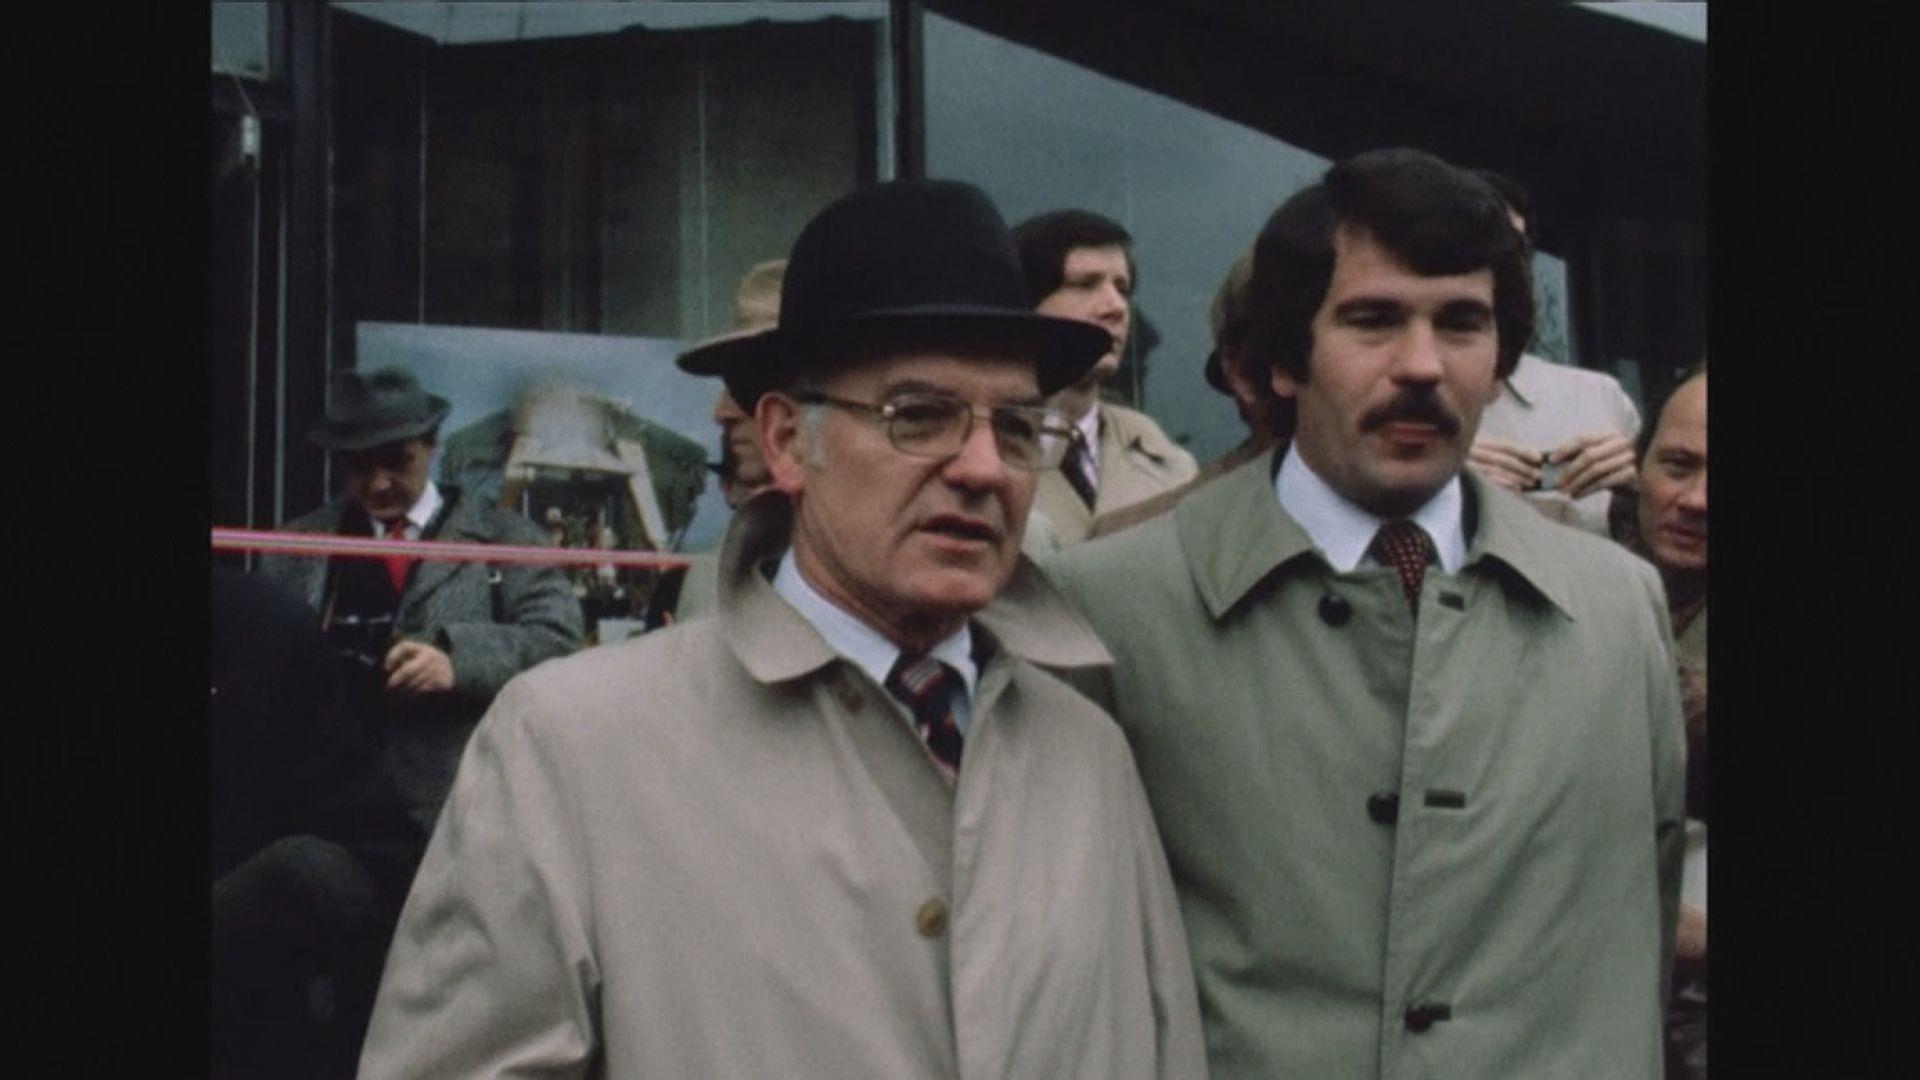 美國前國務卿舒爾茨逝世 中方深表哀悼